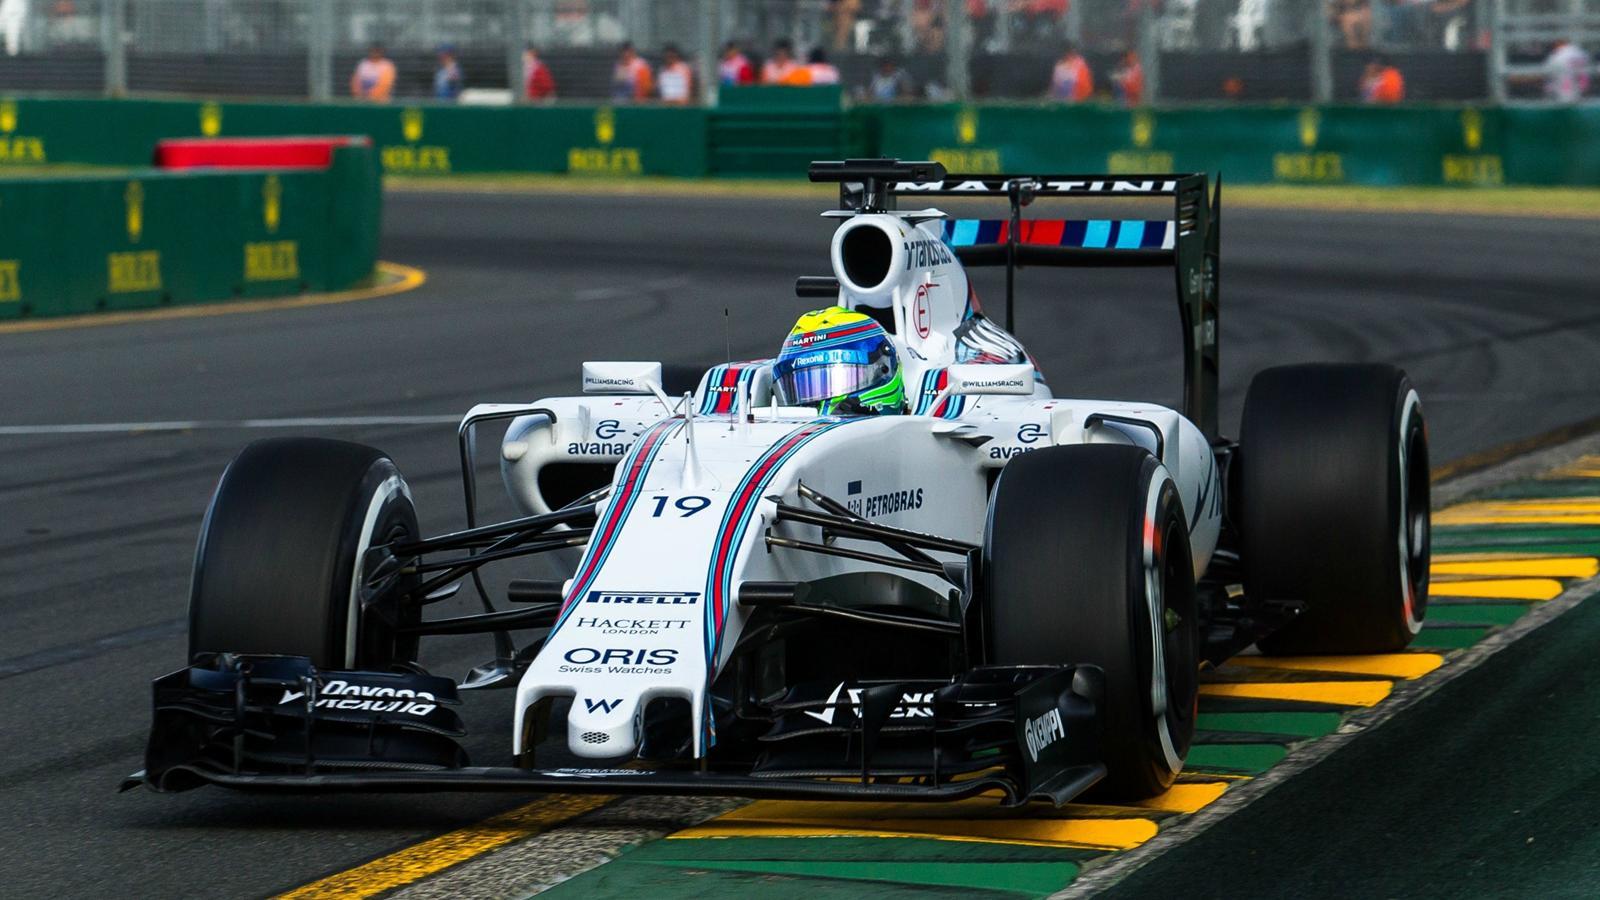 Spécial Sebastian Vettel (Formule un) - Page 12 1436350-30723894-1600-900